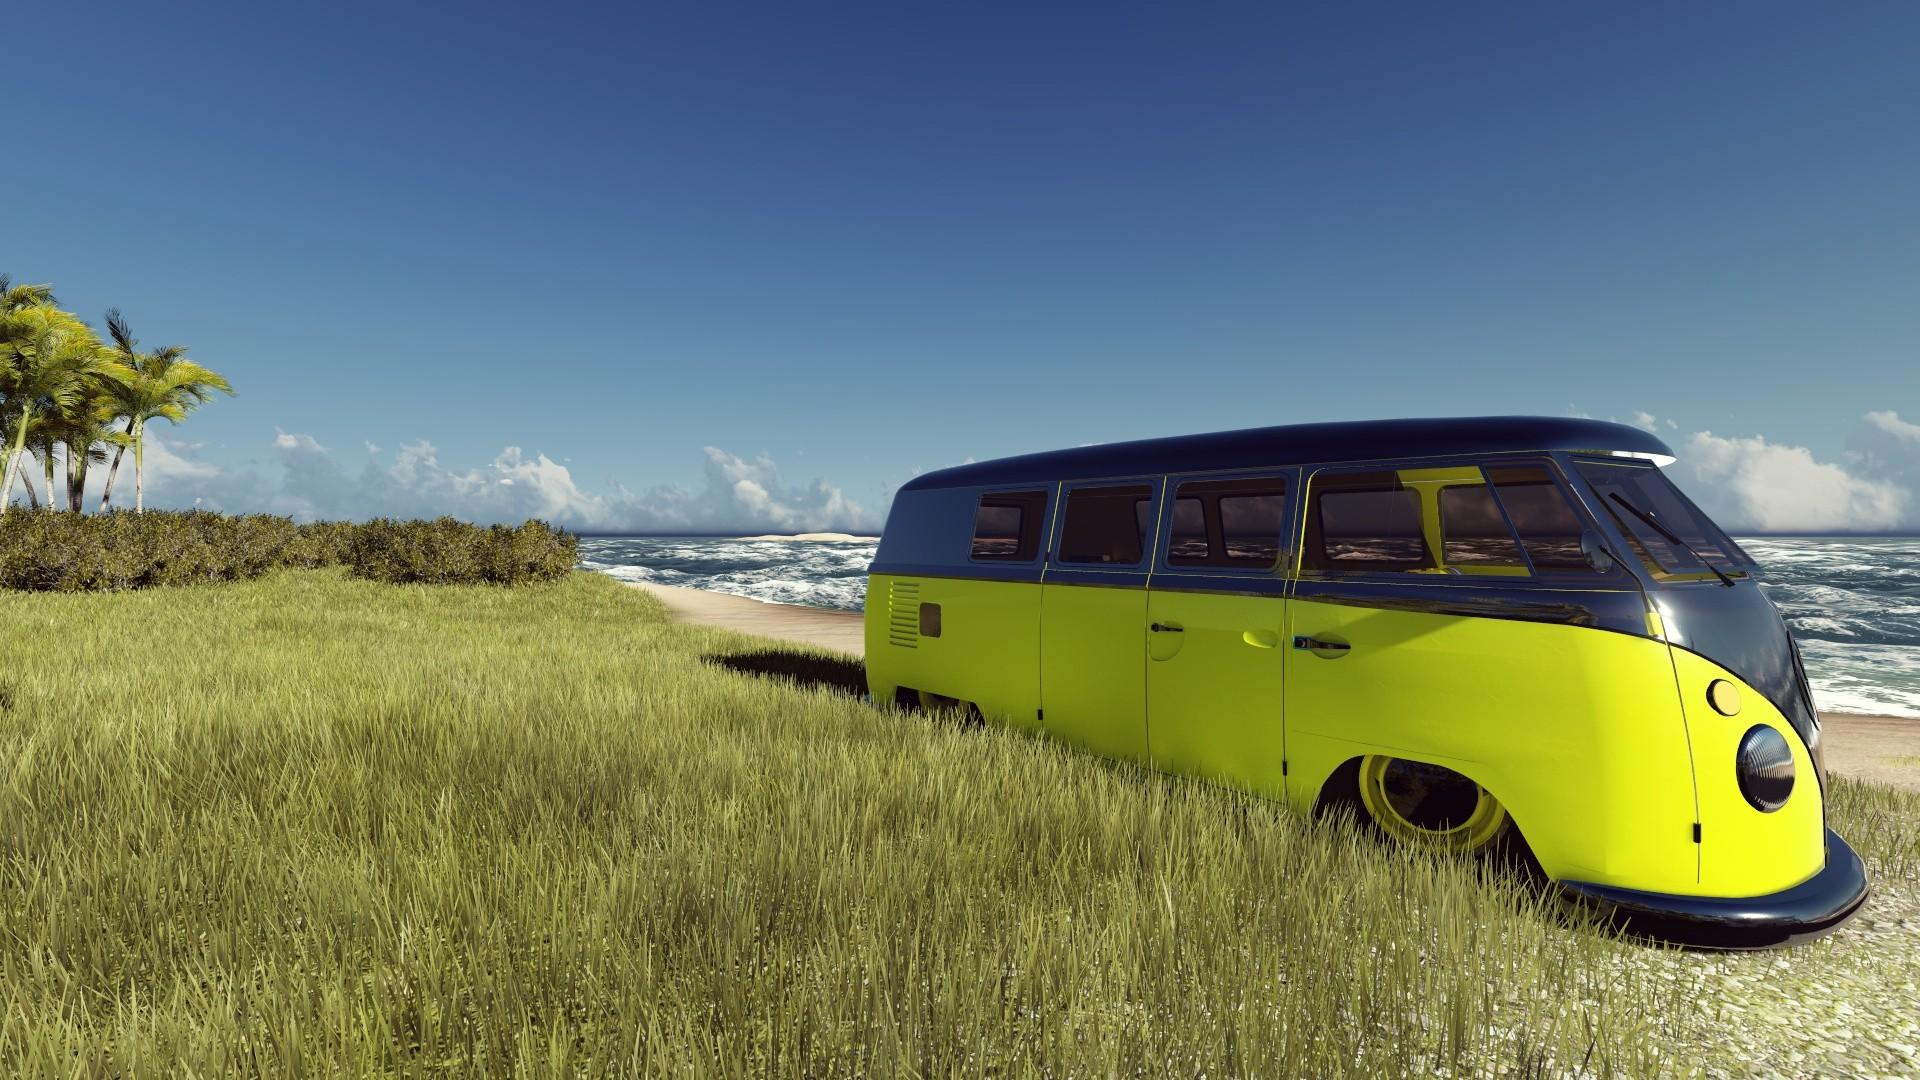 Fondos De Pantalla Coche Hacer Playa Volkswagen Vw